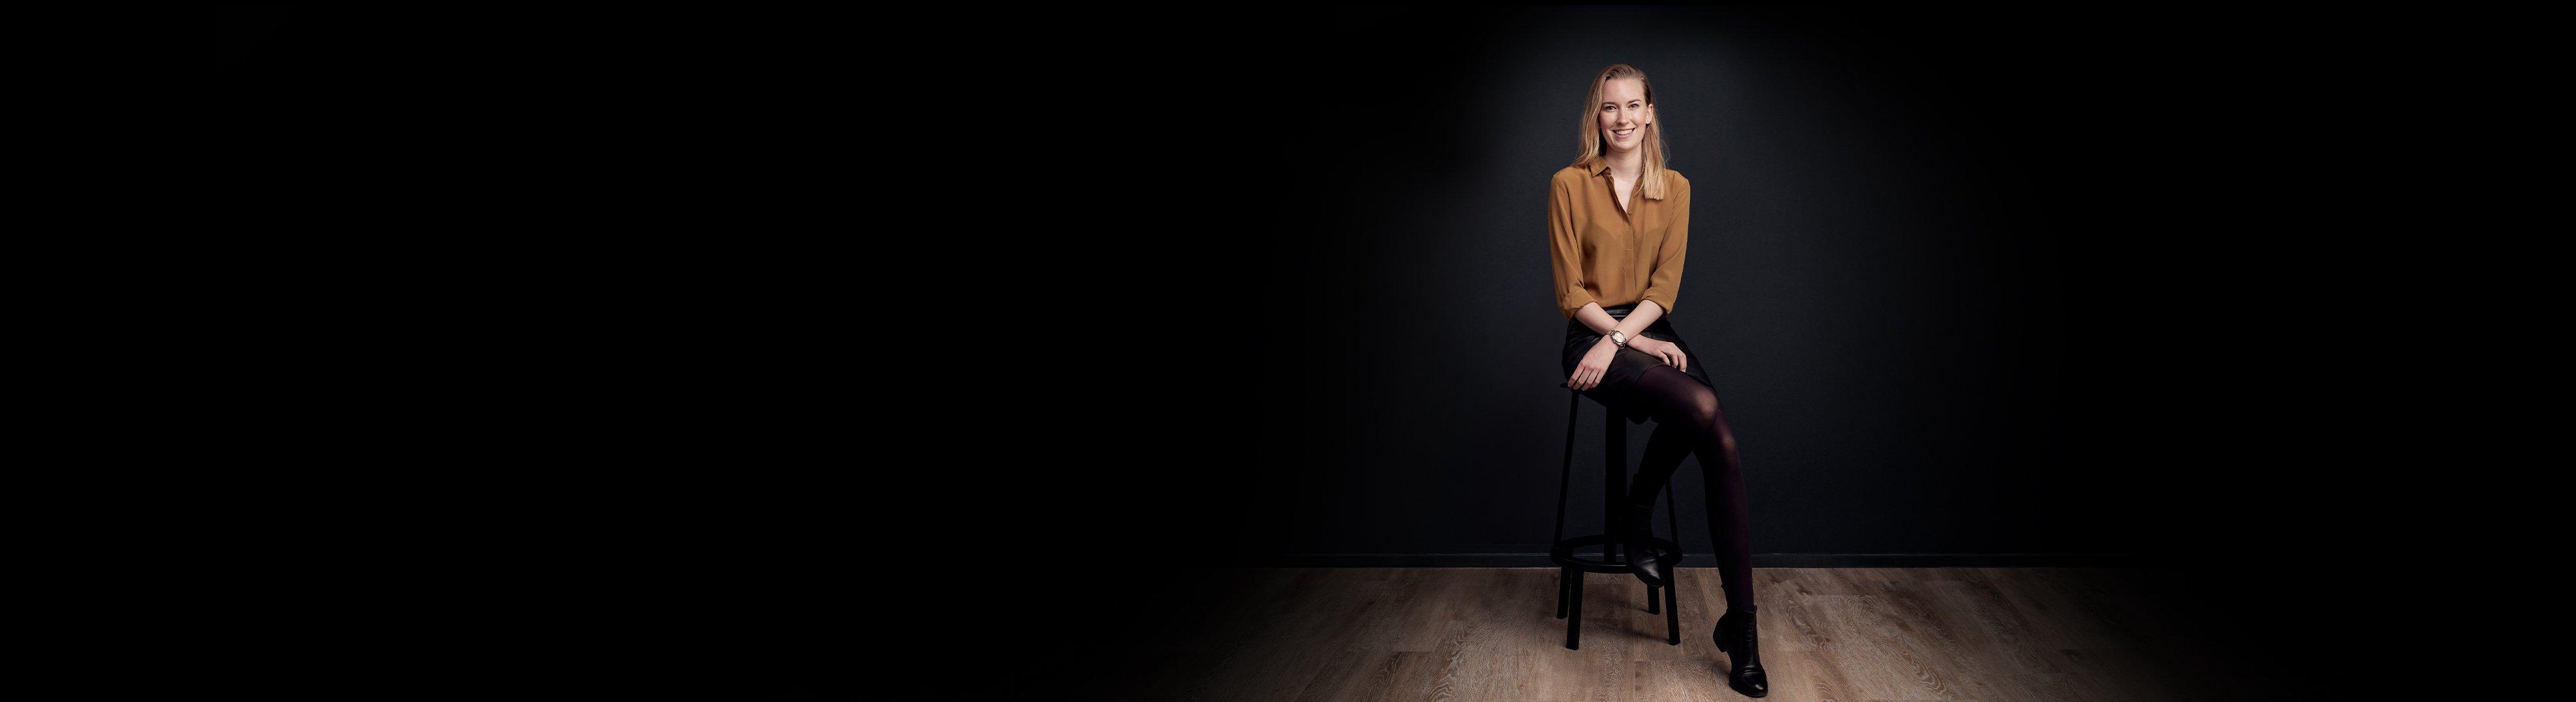 Eveline van den Berg